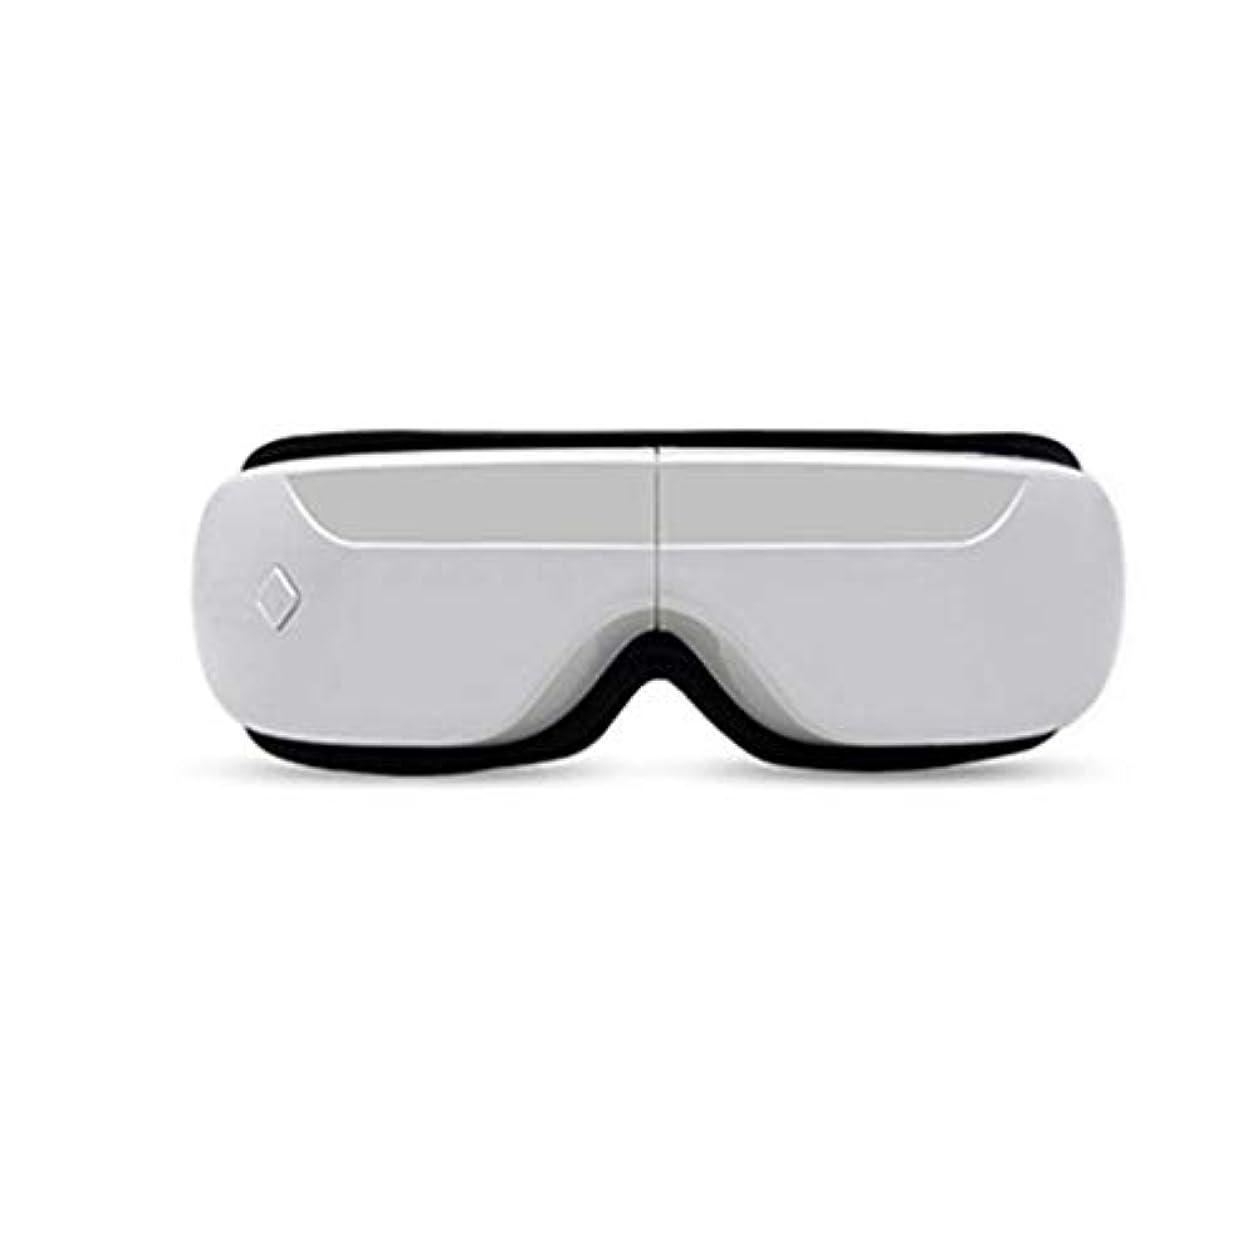 ペレット引用すき電動アイマスク、アイマッサージャー、折りたたみ式USB充電式スマートデコンプレッションマシン、ワイヤレスBluetoothポータブル、目の疲れを和らげる、ダークサークル、アイバッグ、美容機器